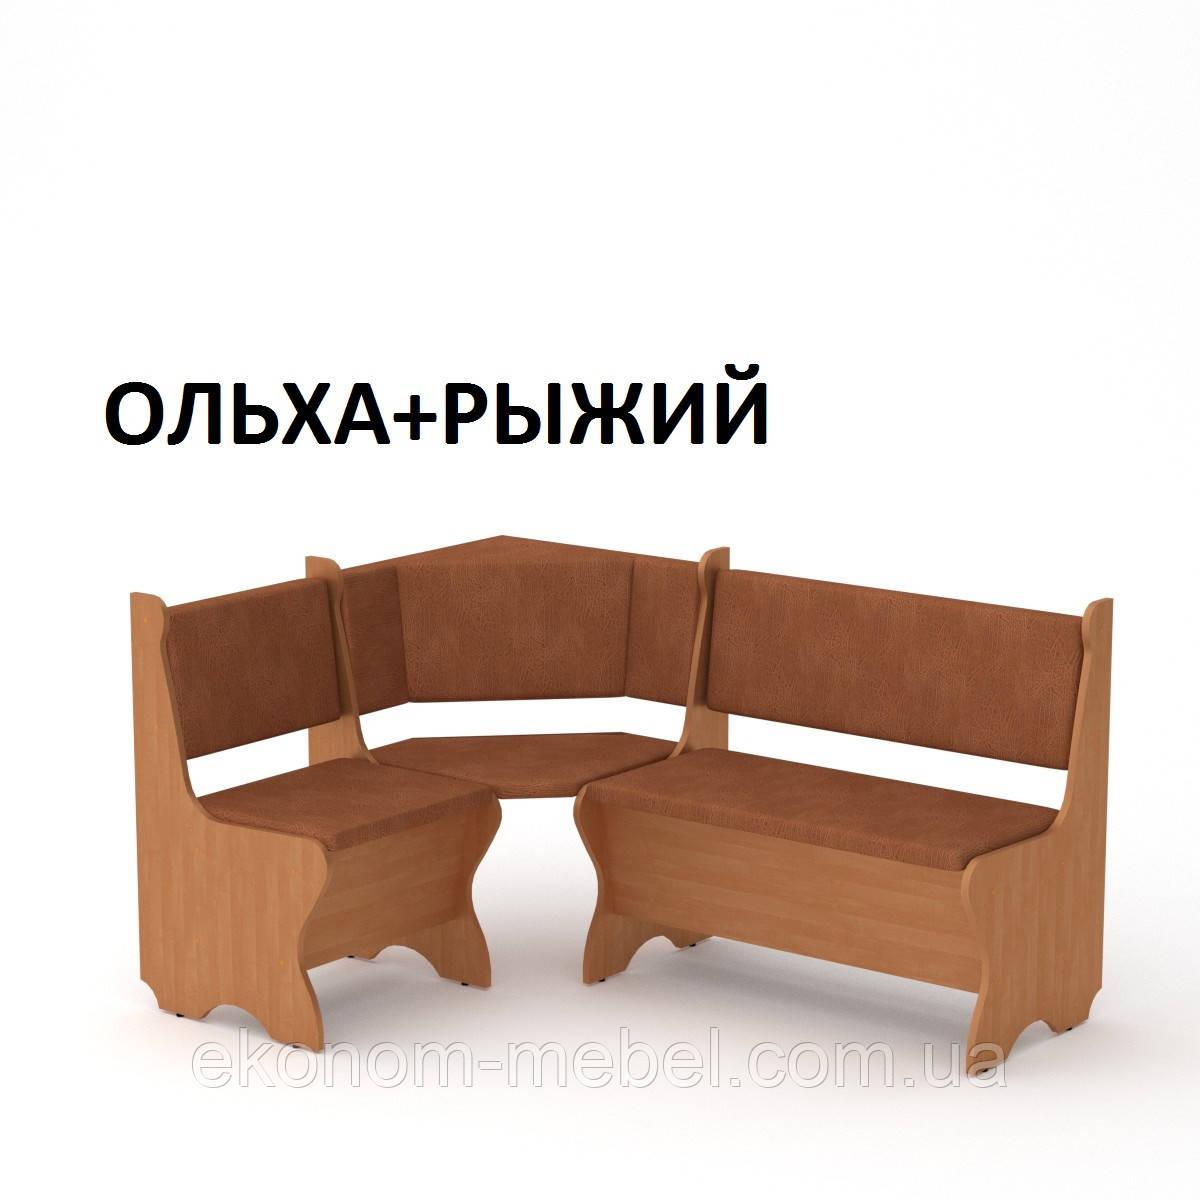 Уголок кухонный Кипр из ДСП, оббивка ткань или кожзам, с нишами для хранения